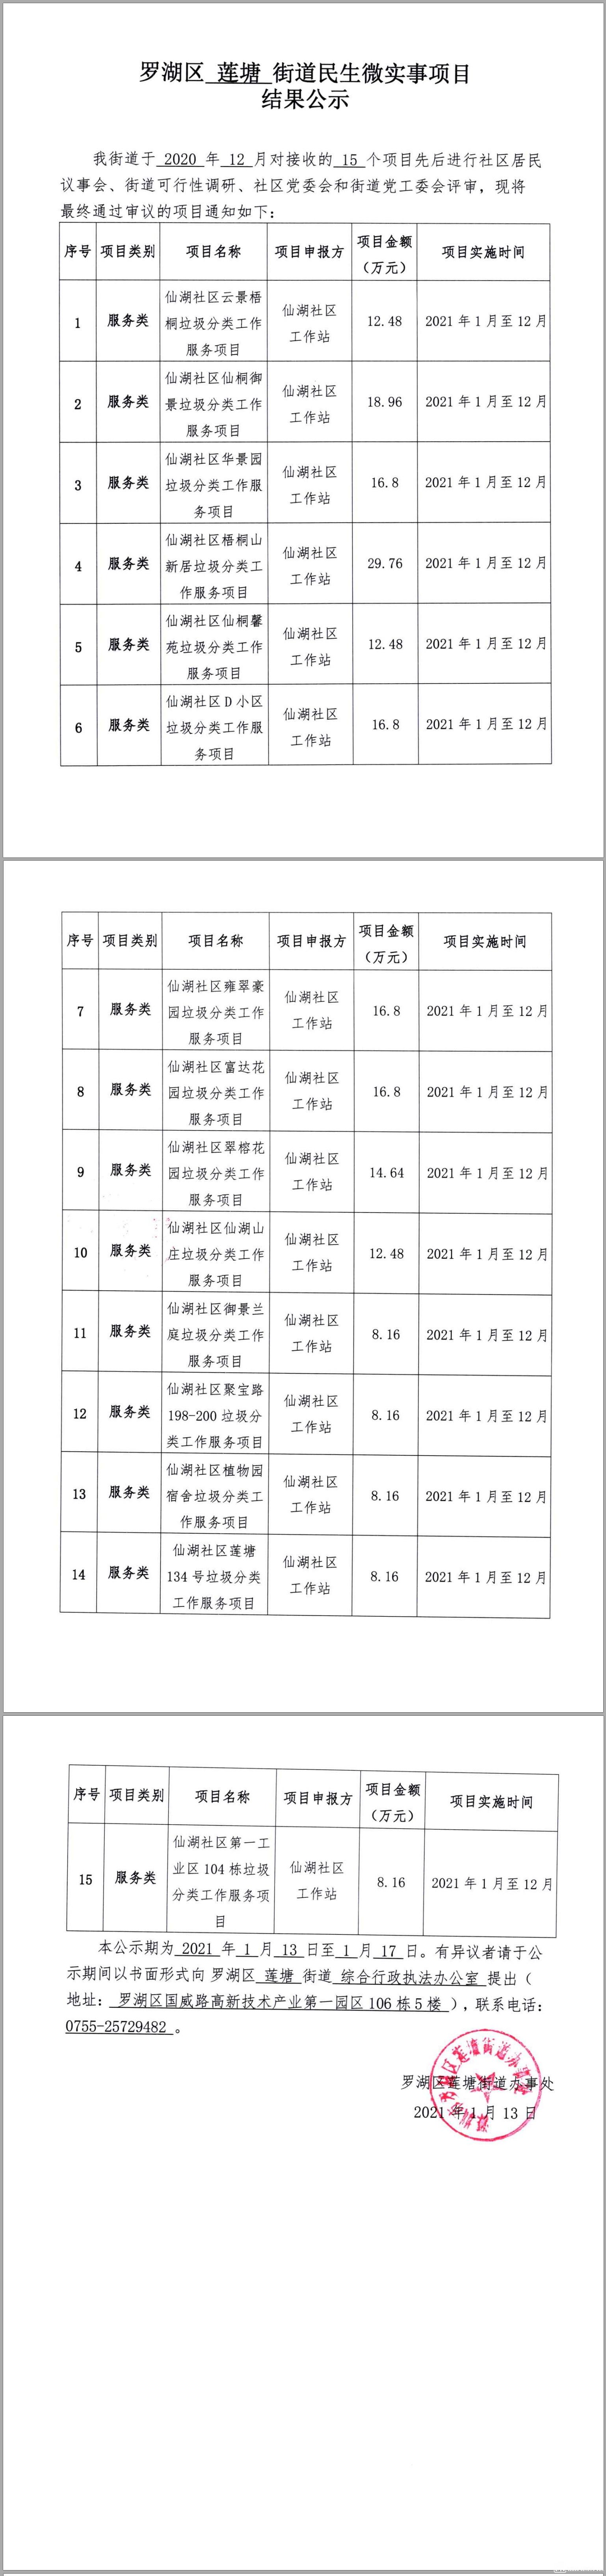 仙湖社区民微项目结果公示.jpg